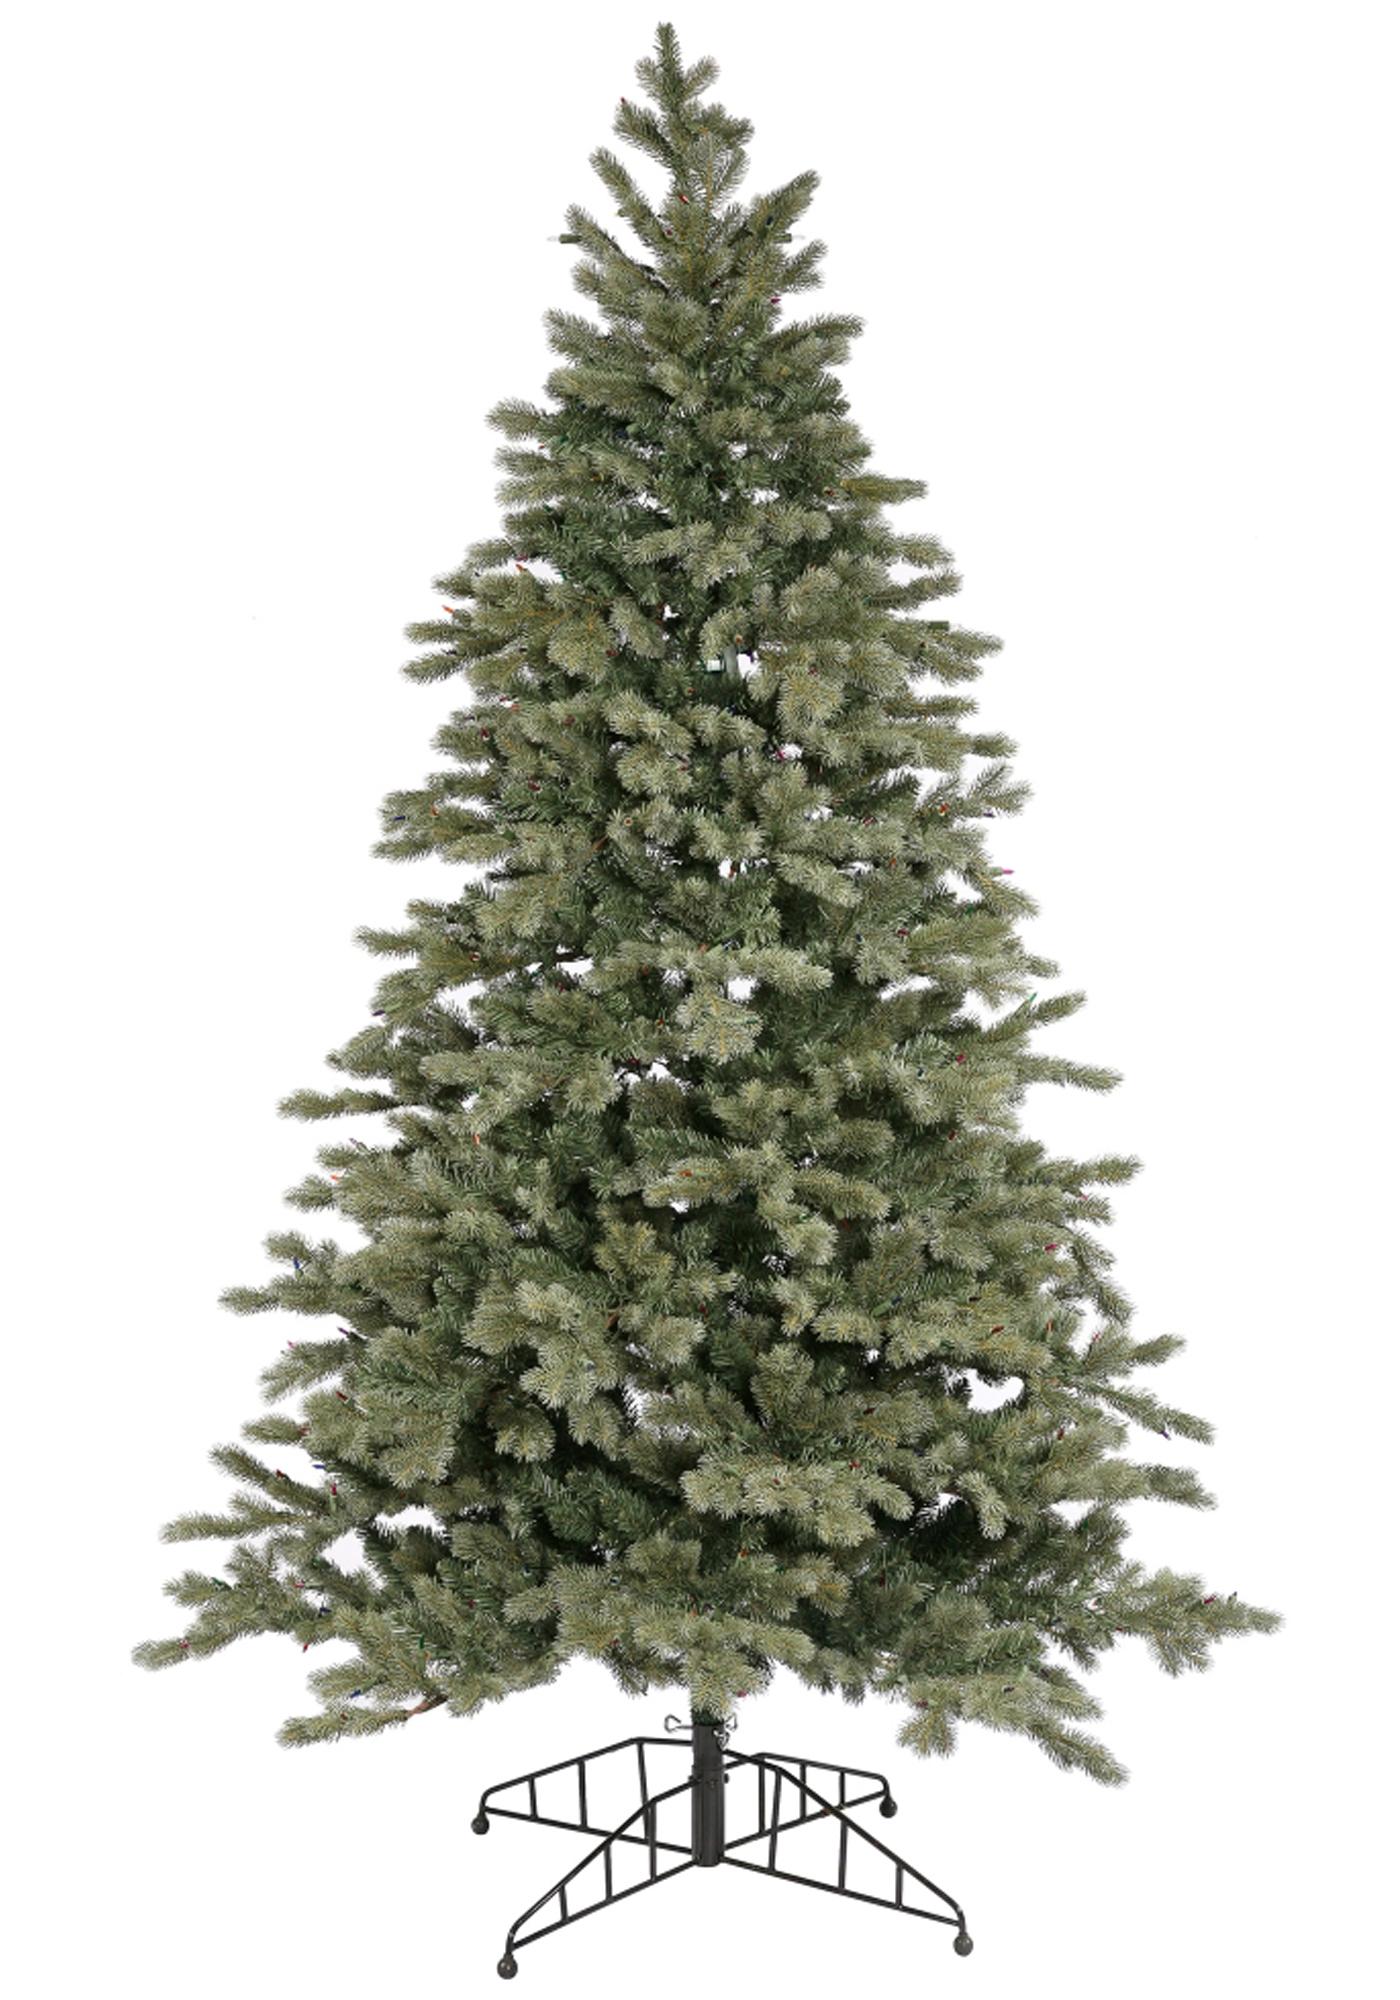 6 5 39 Ft X 47 Blue Balsam Fir Artificial Christmas Holiday